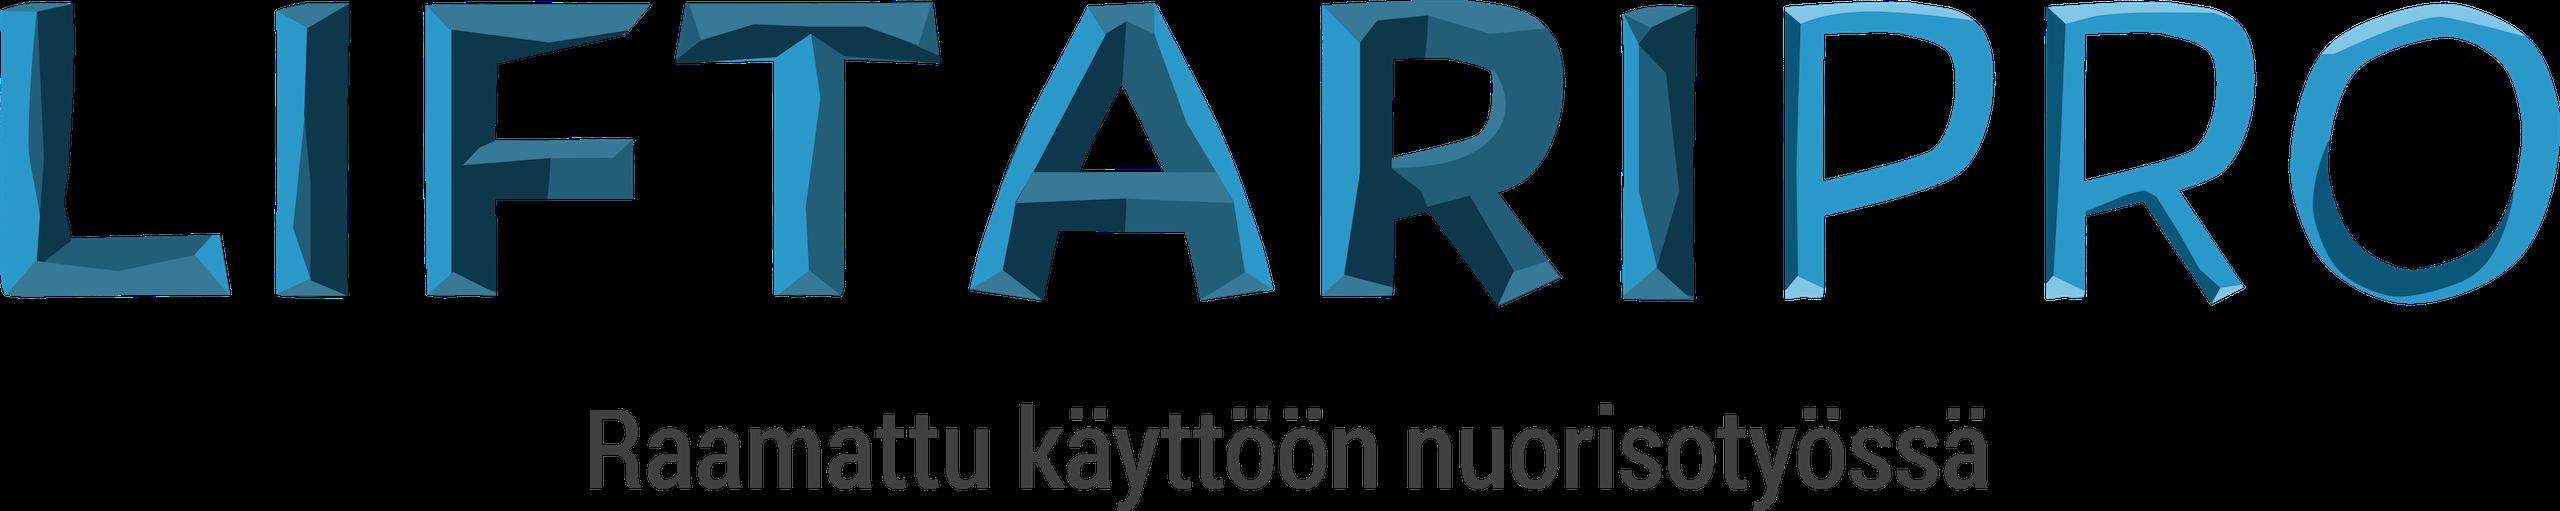 LiftariPro logo